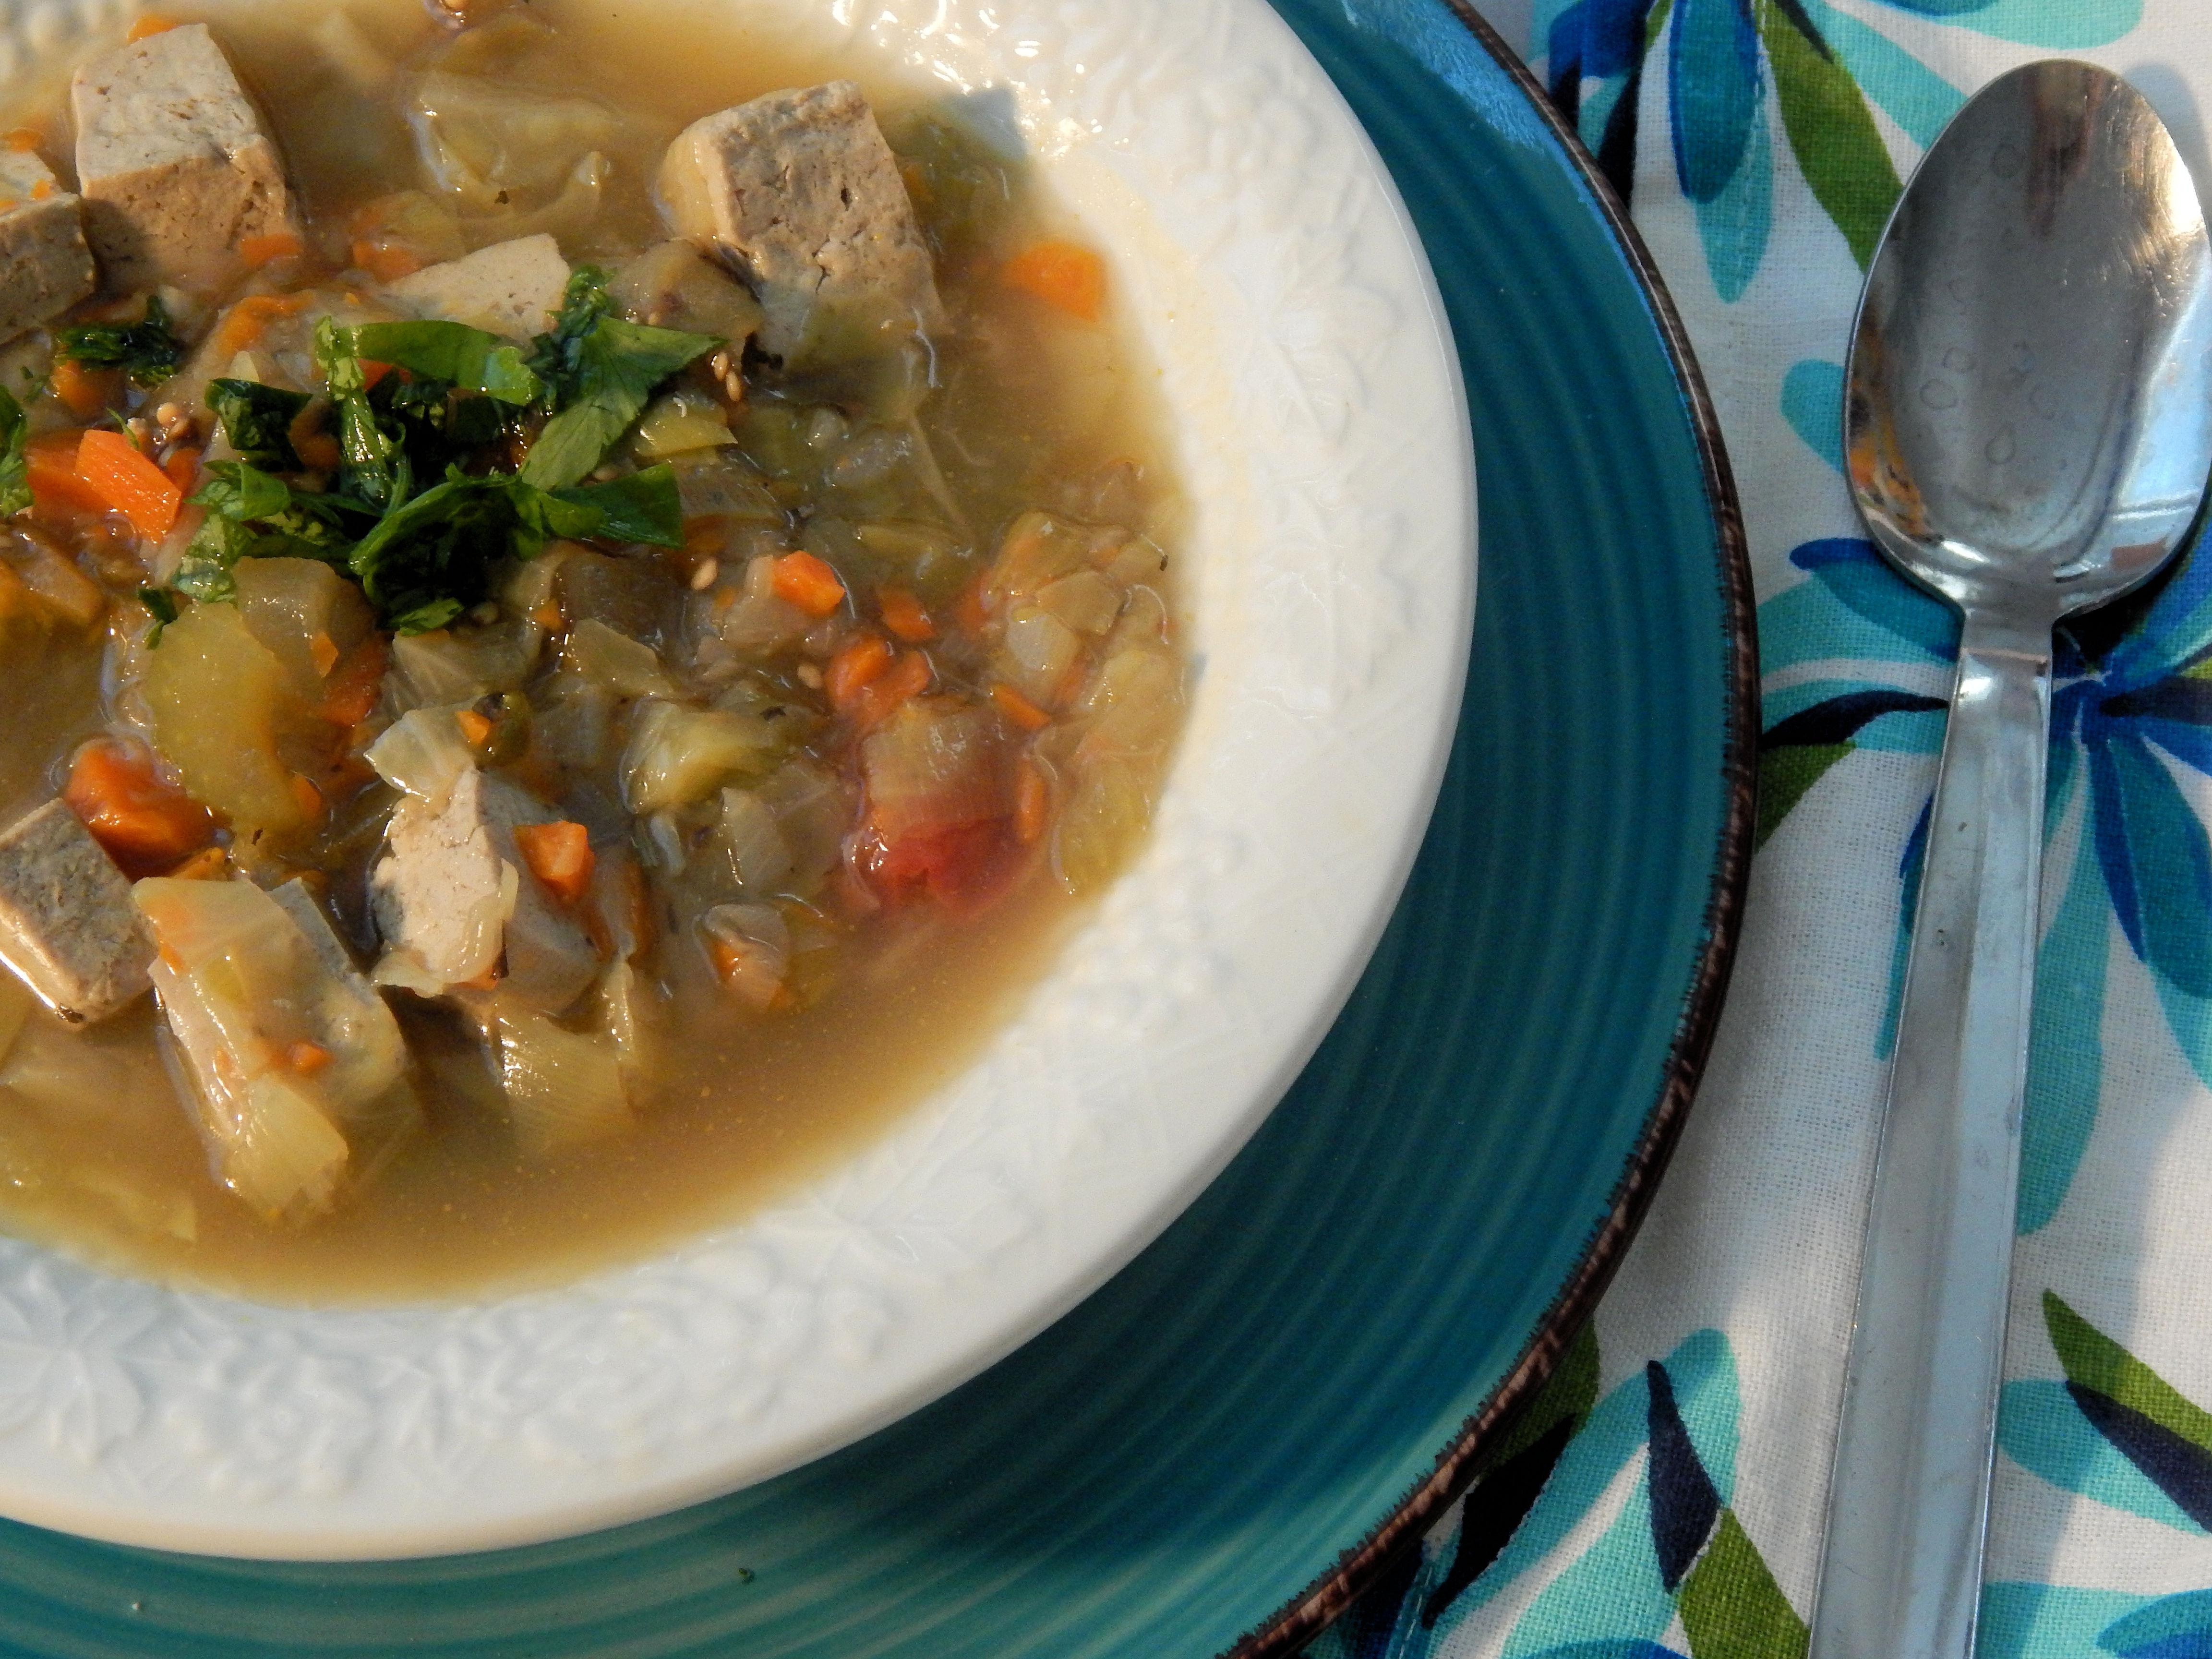 Delicious Vegan Vegetable Soup